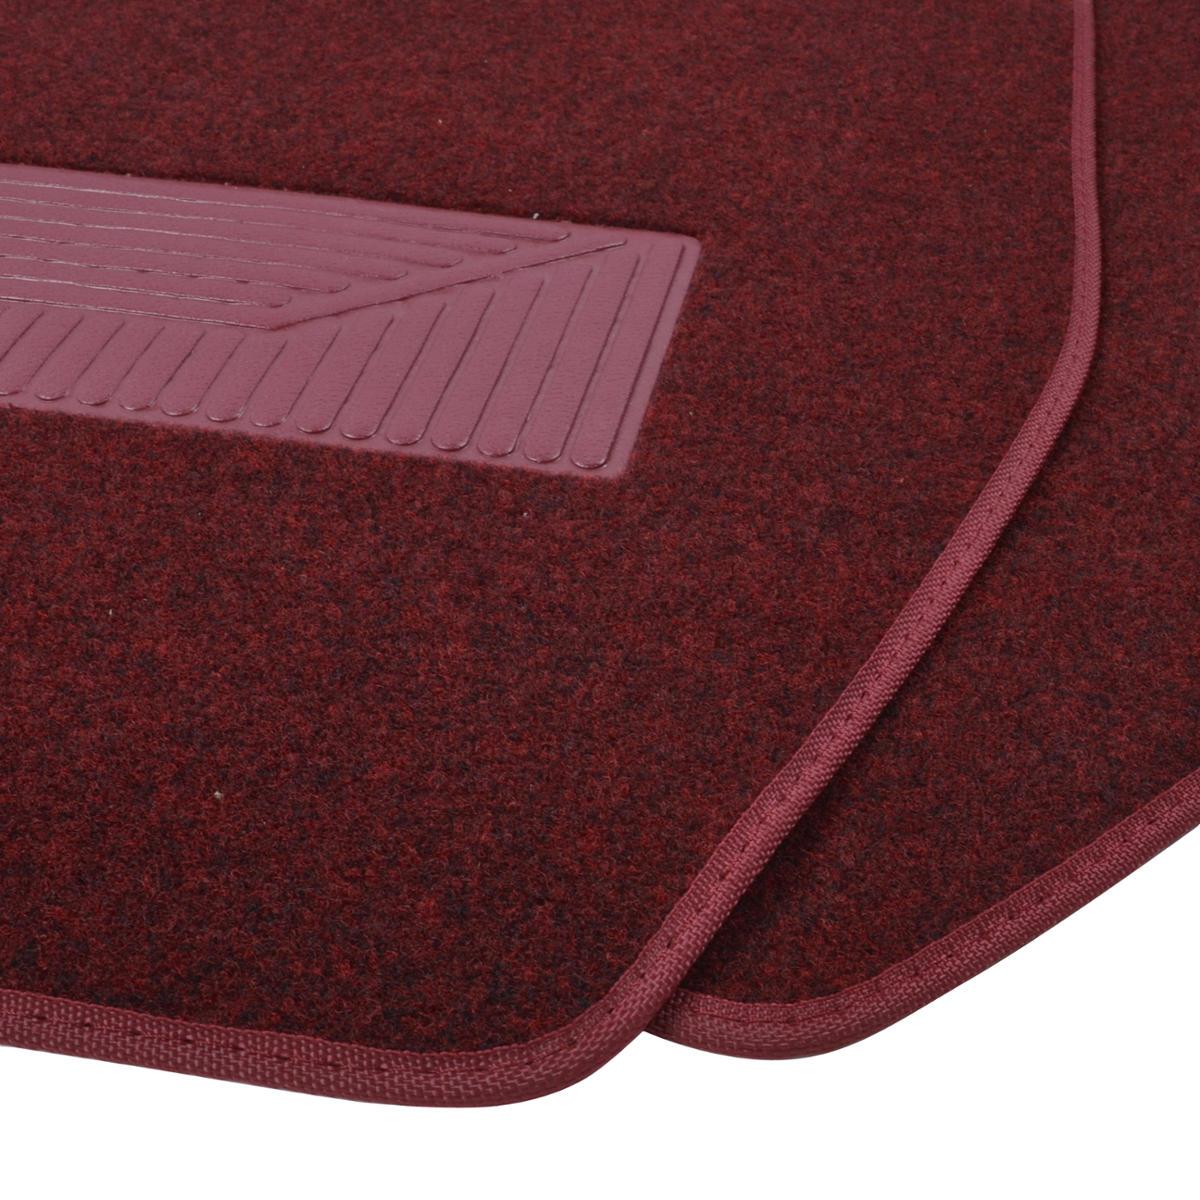 3pc Set Burgundy Heavy Duty Carpet Suv Van Pickup Car